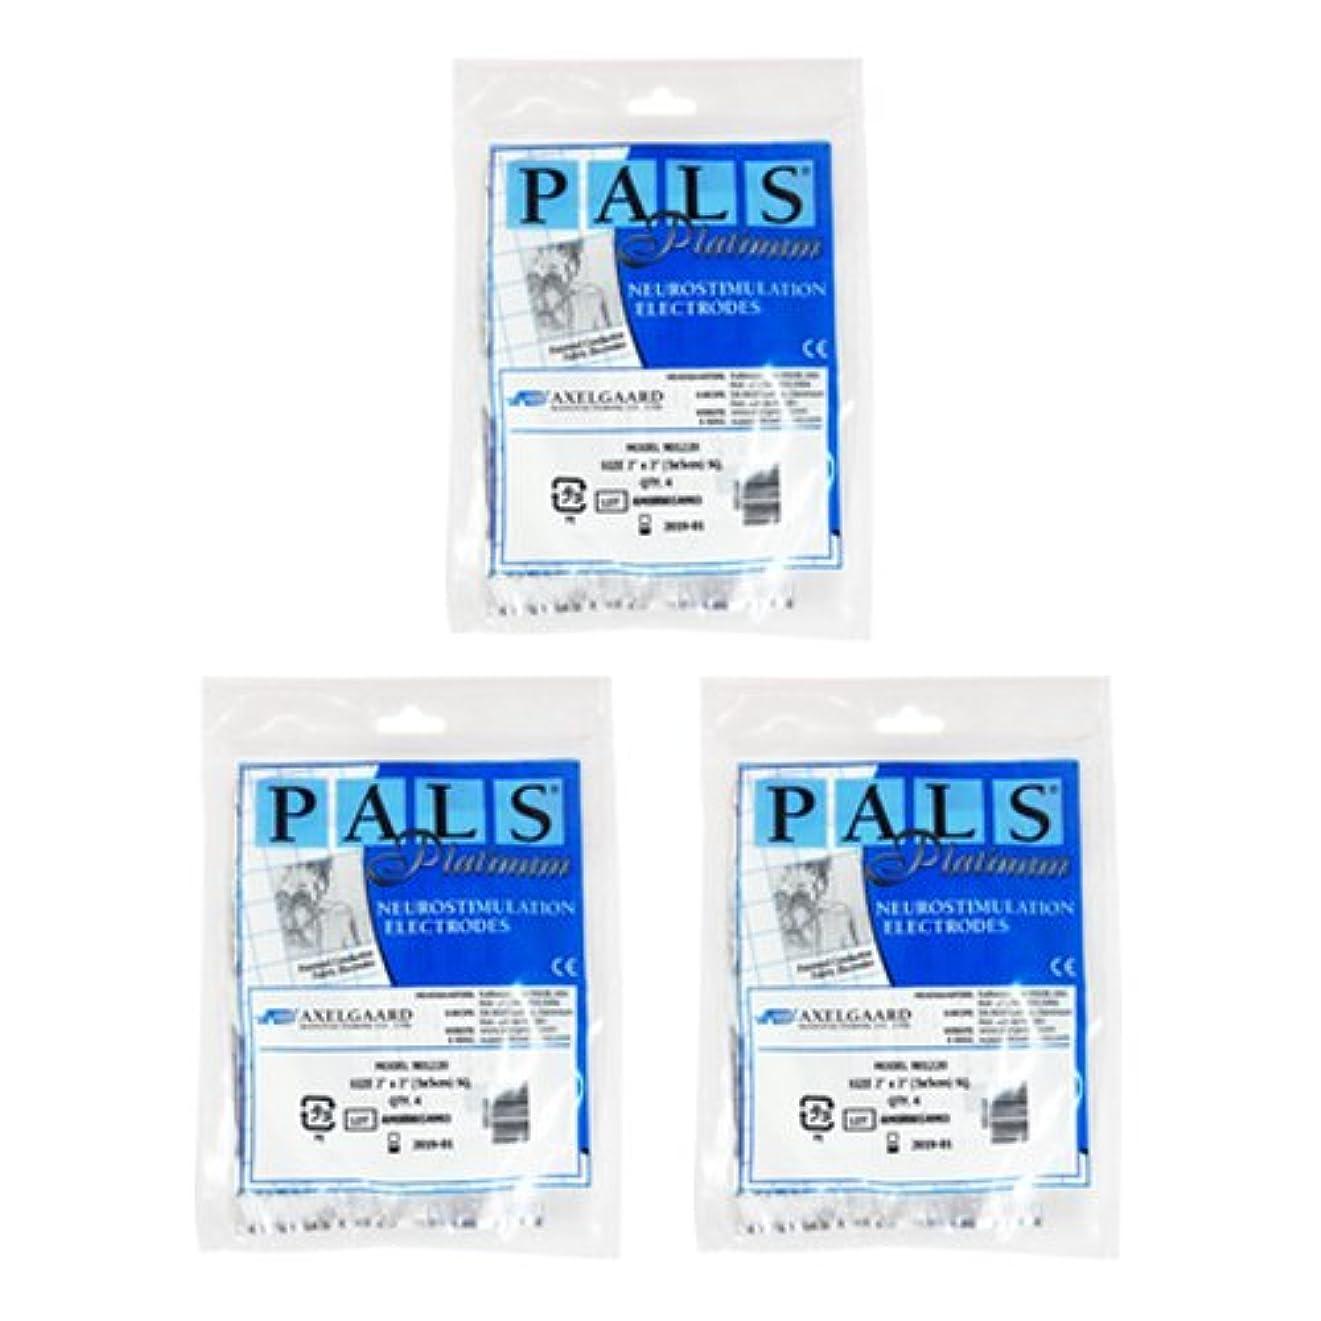 留め金下向きバイナリ敏感肌用アクセルガード ブルー Mサイズ × 3セット 【EMS用粘着パッド】